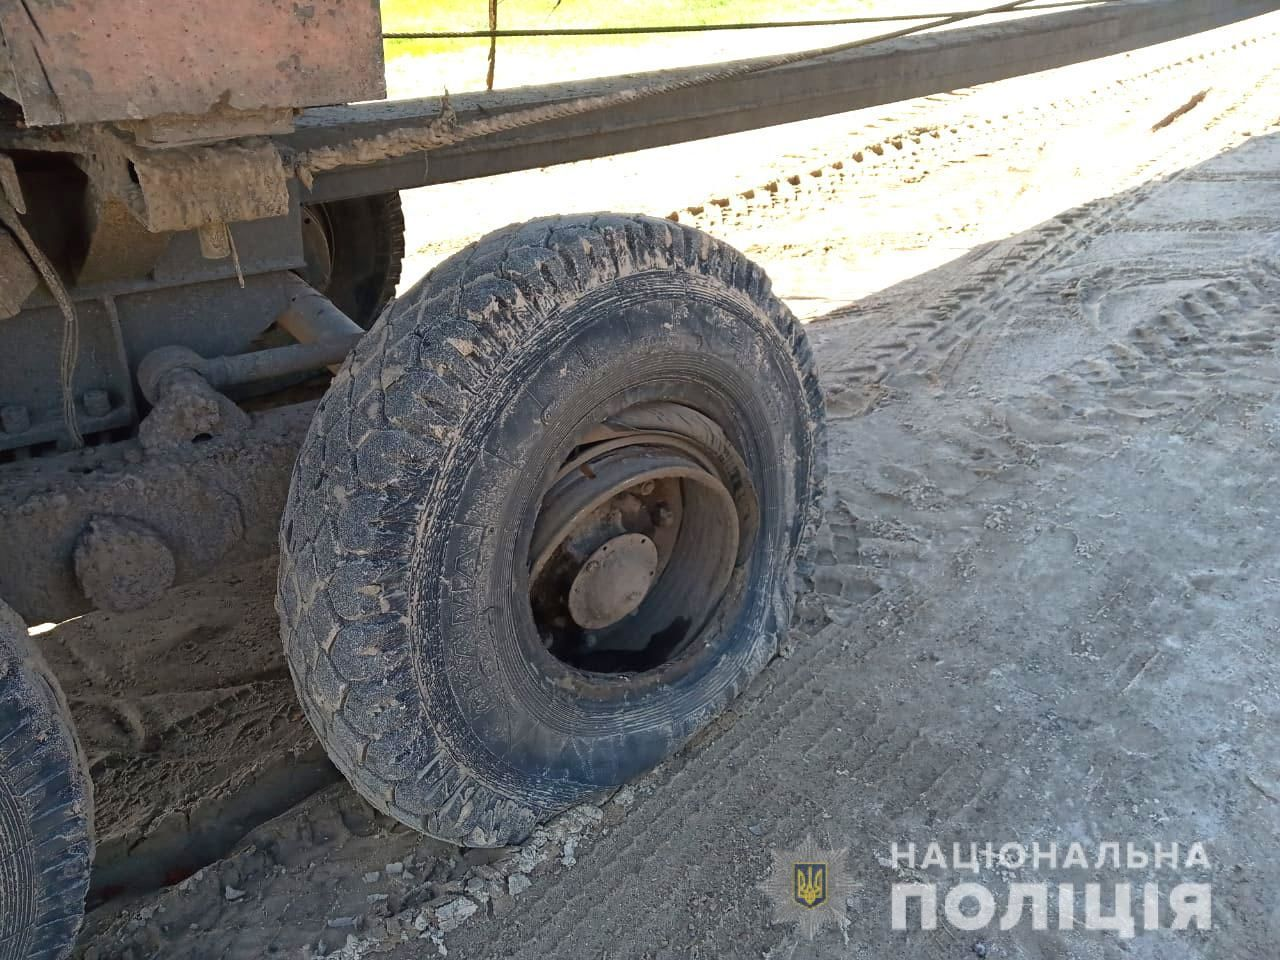 Страшна ДТП у Рівненській області: частина колеса від вантажівки вбила 11-річну дитину